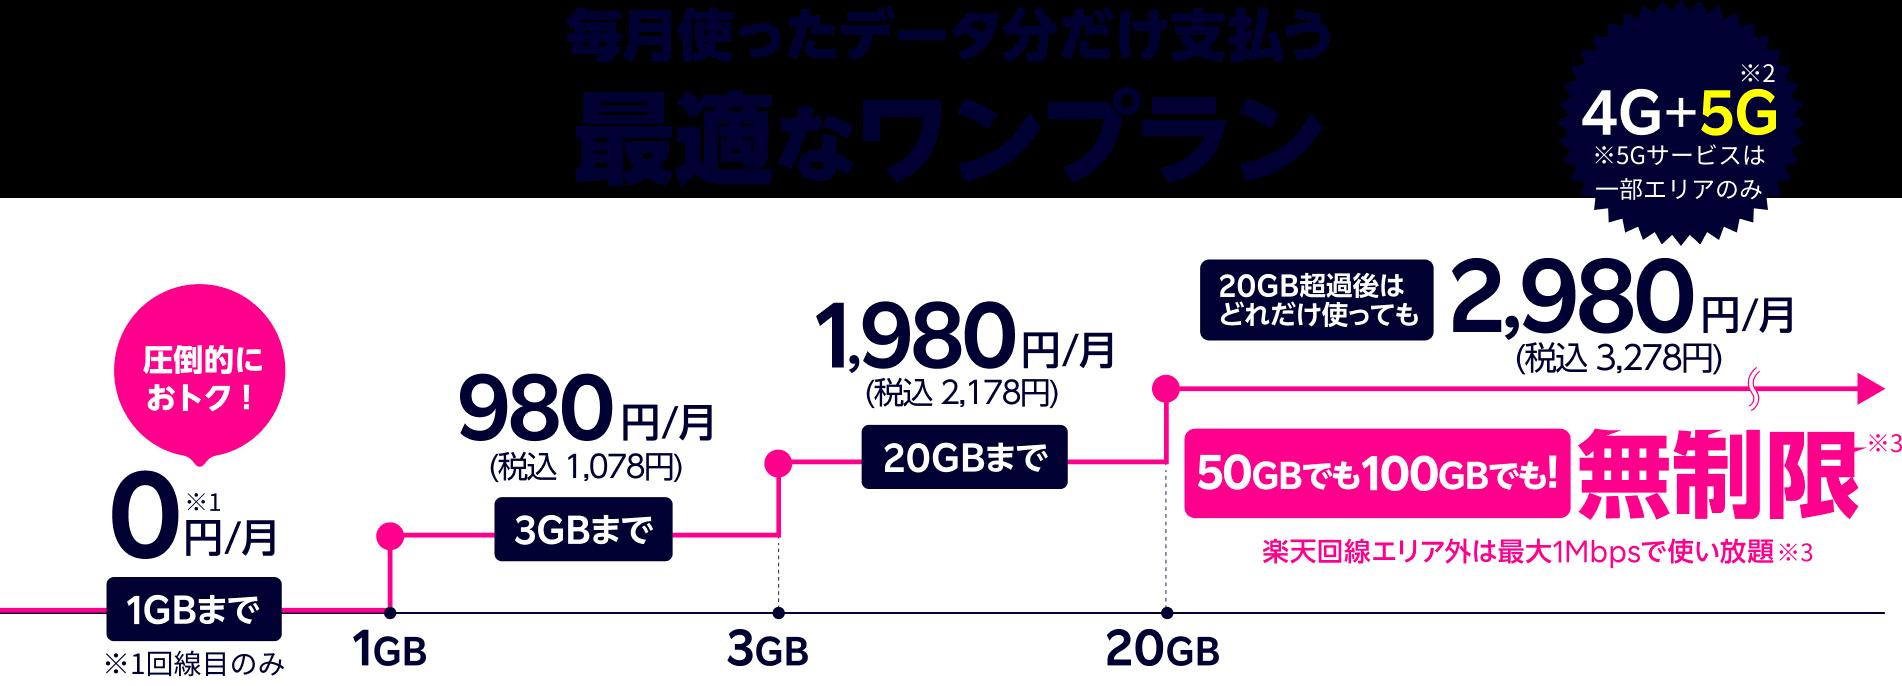 rakuten-un-limit-cost-1